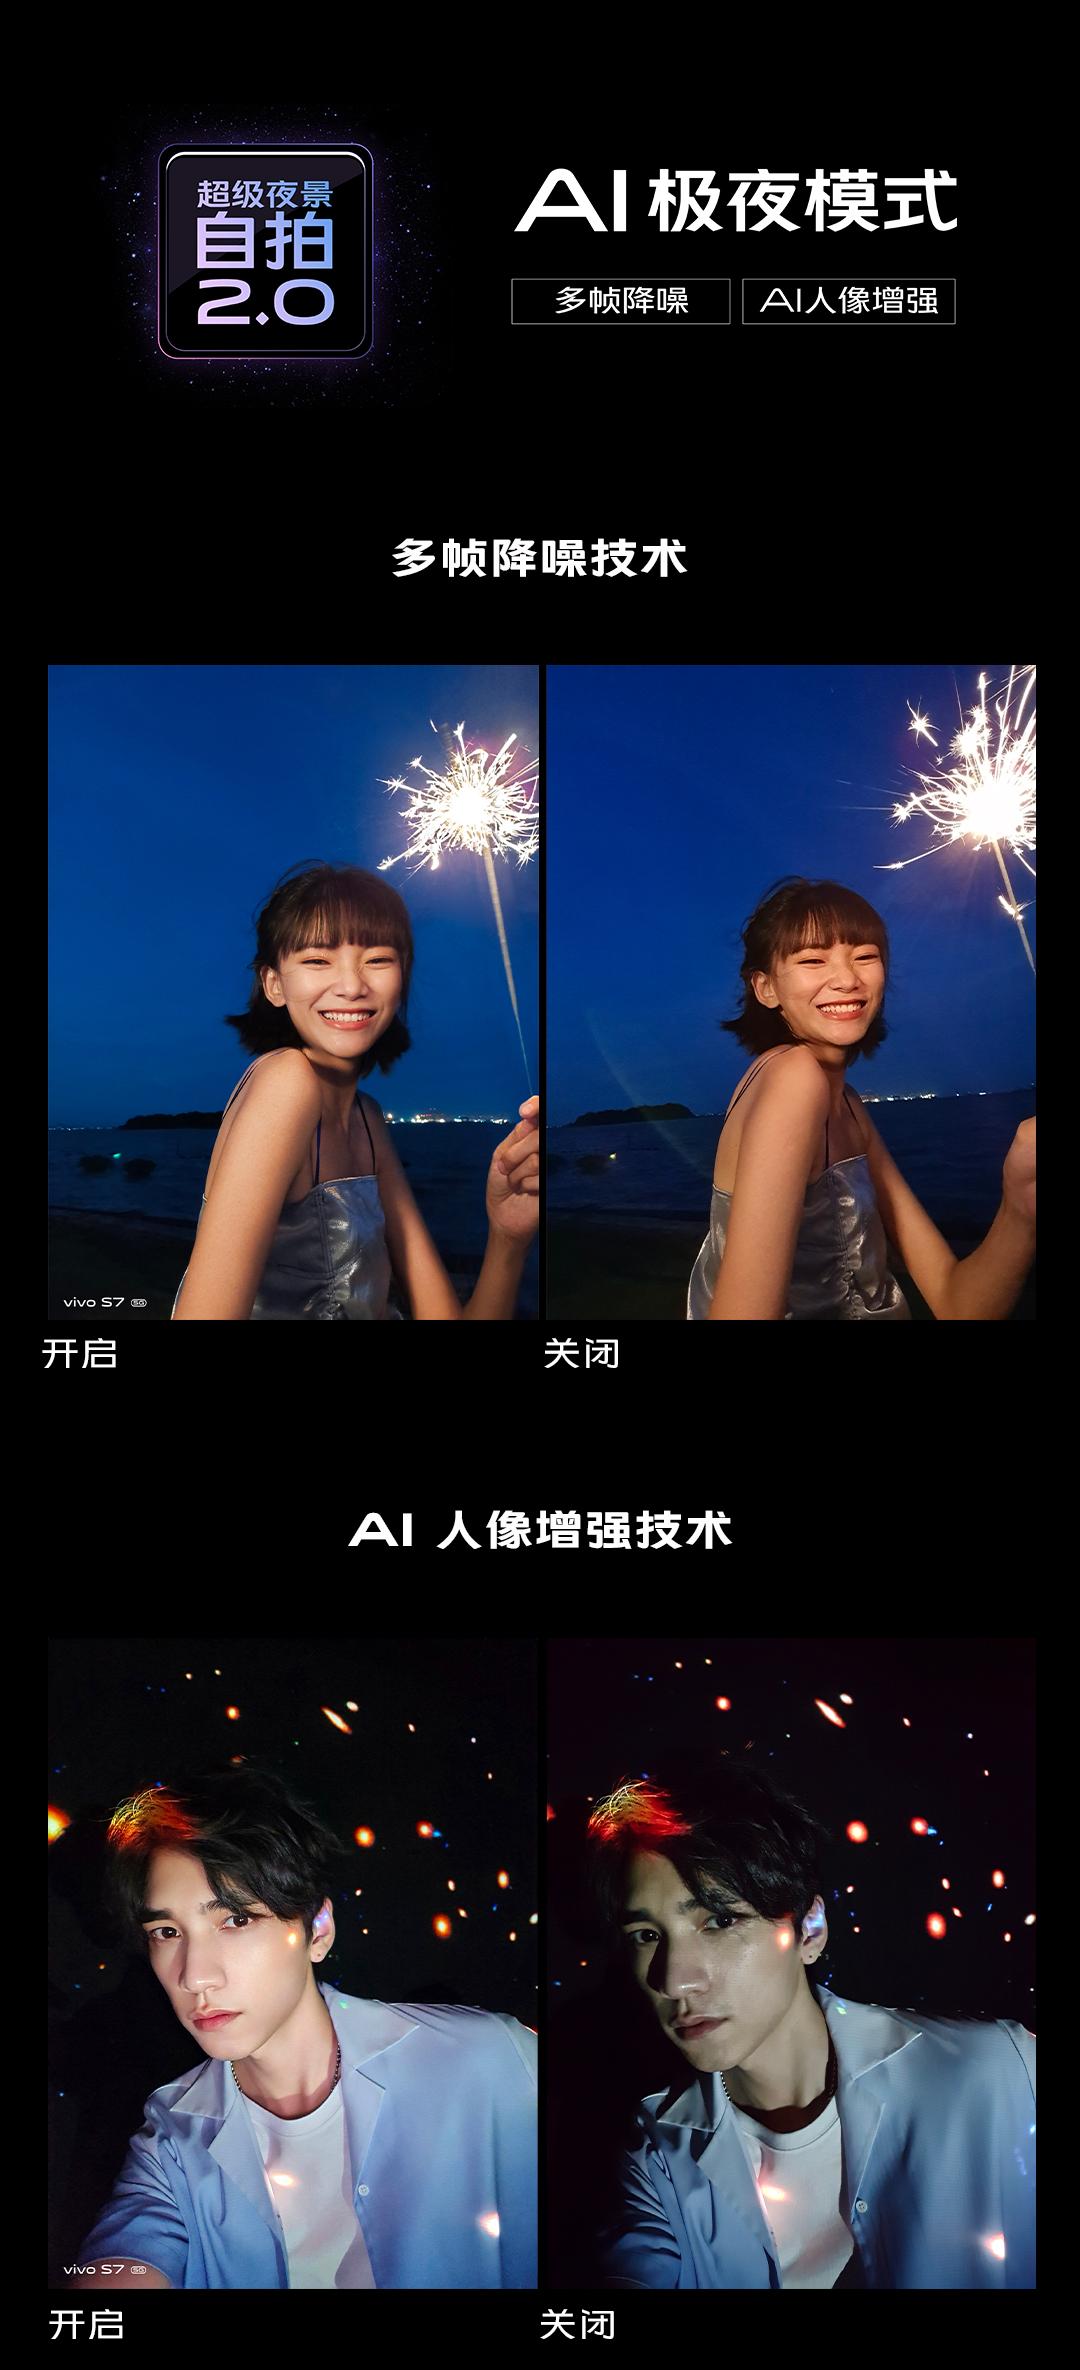 8.超清夜景自拍2.0.jpg